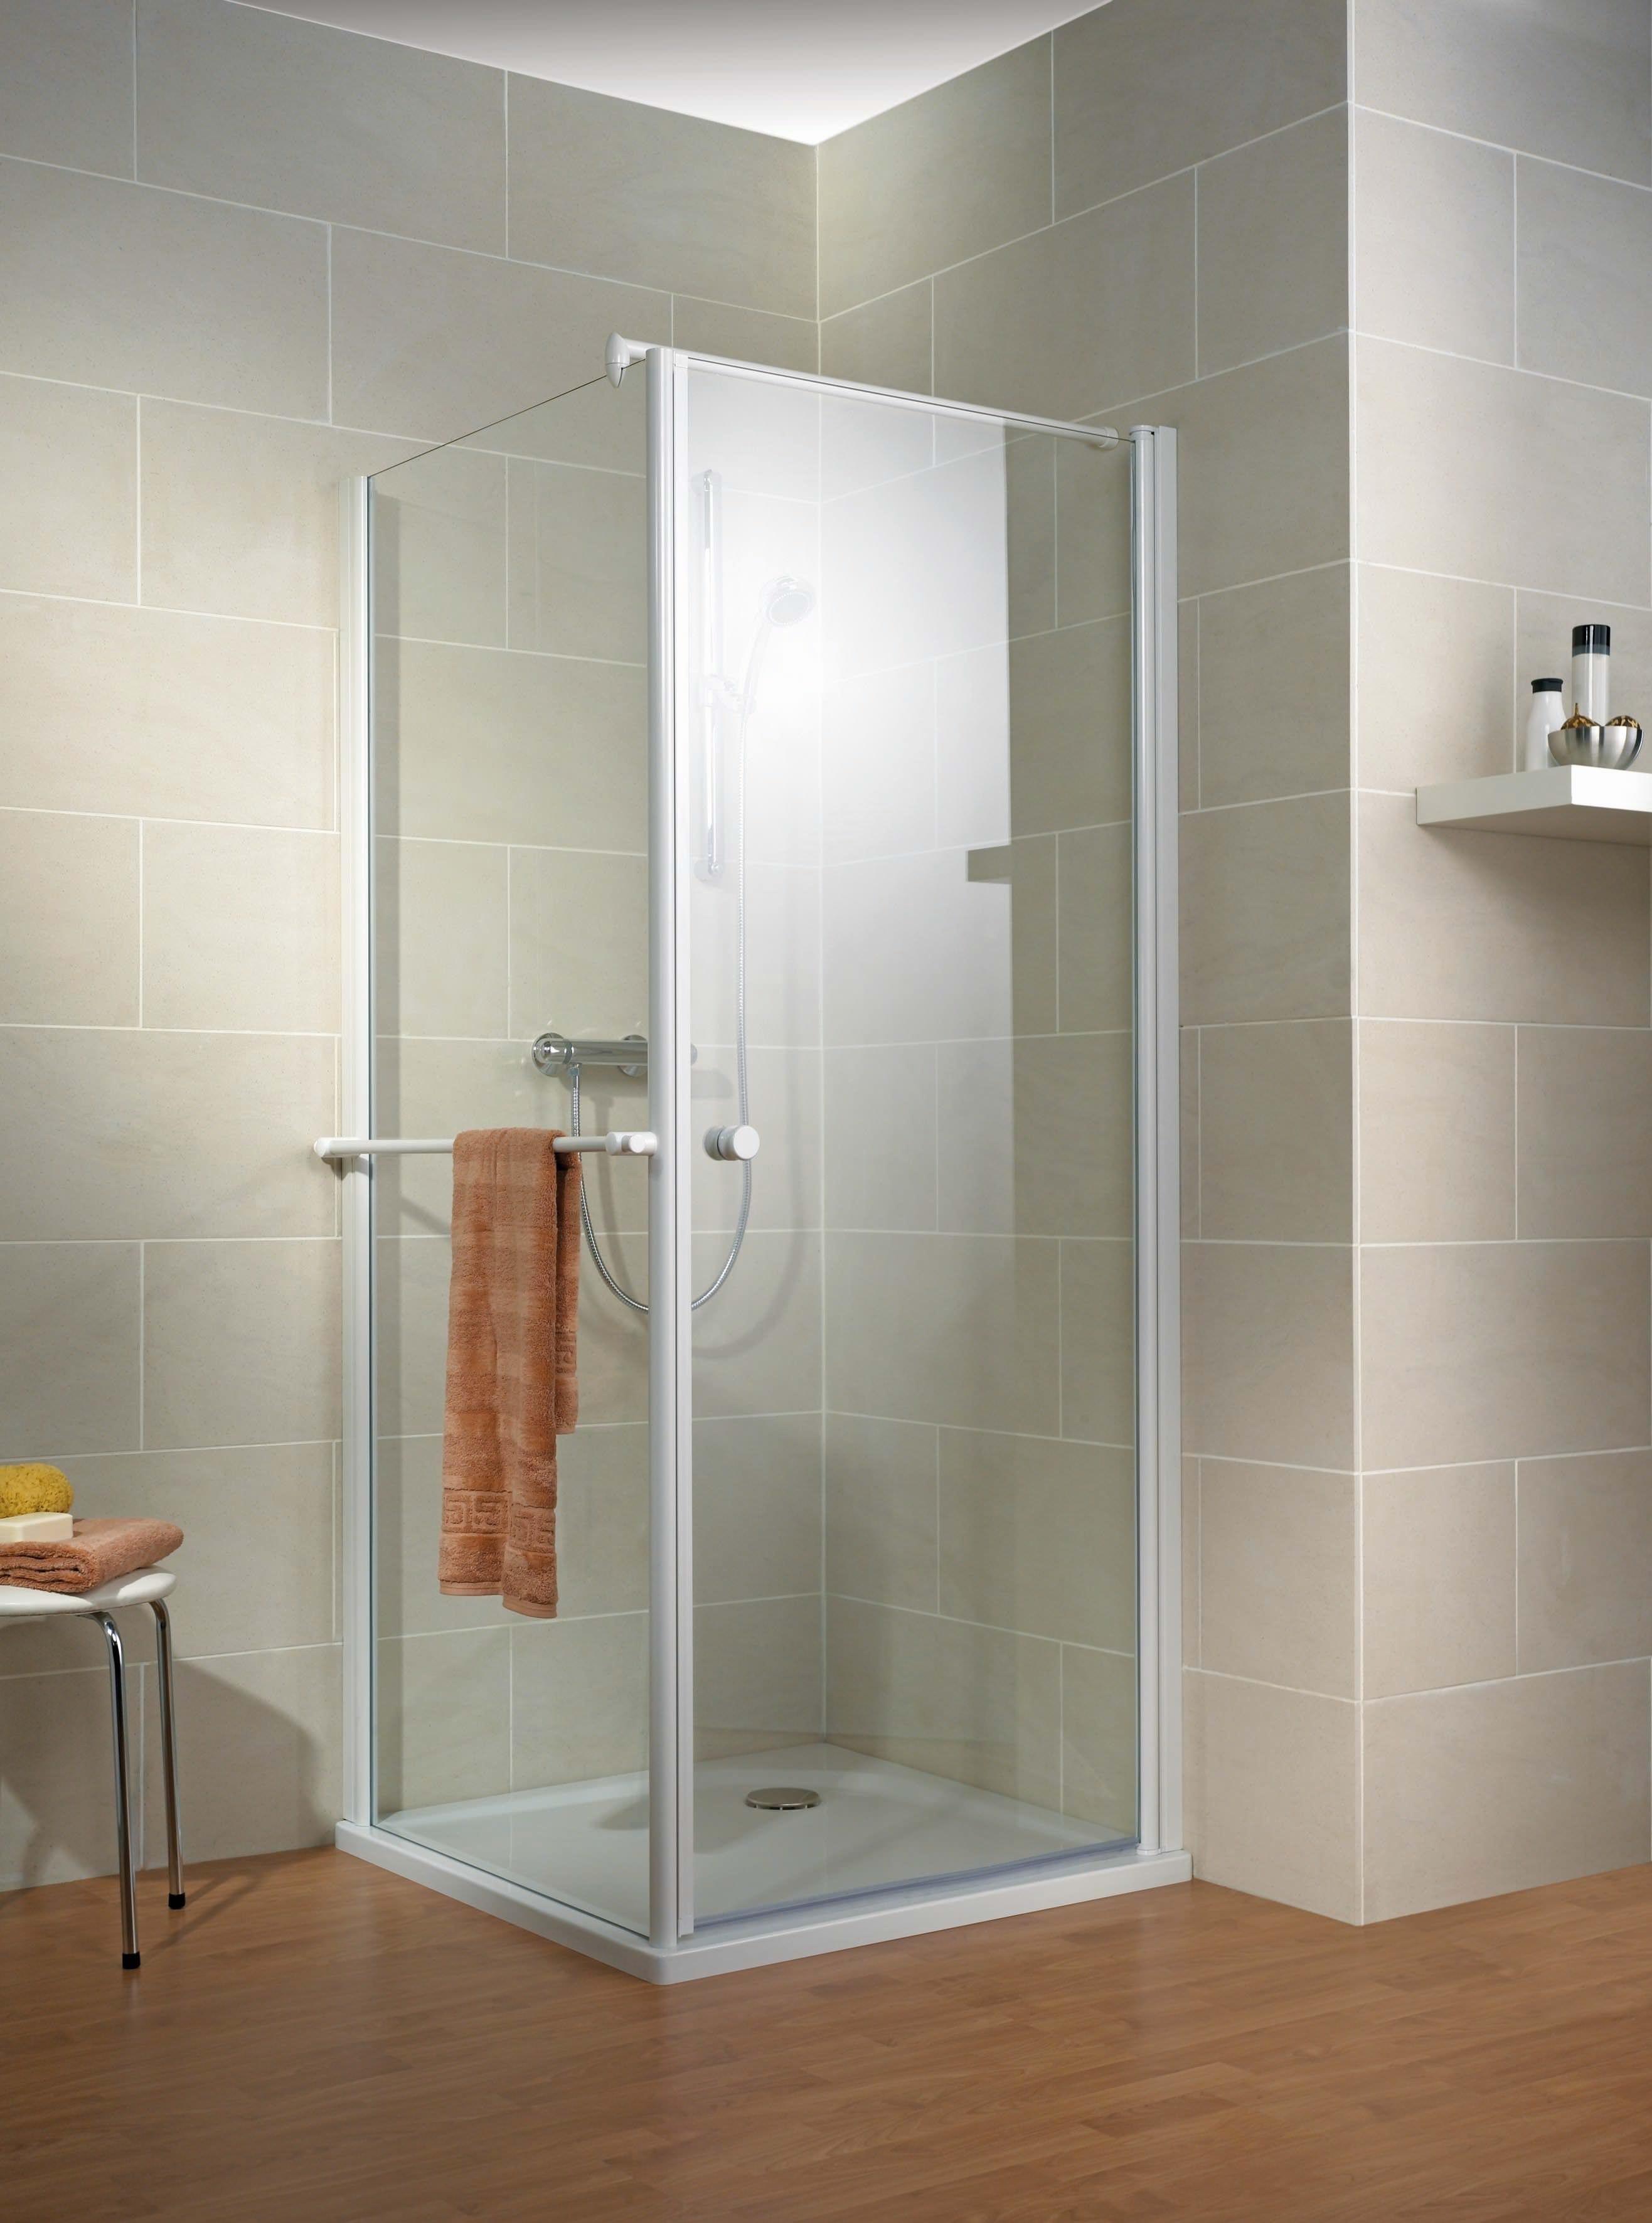 schulte garant dreht r porta mit seitenwand inkl handtuchhalter echtglas sonderma d80299. Black Bedroom Furniture Sets. Home Design Ideas